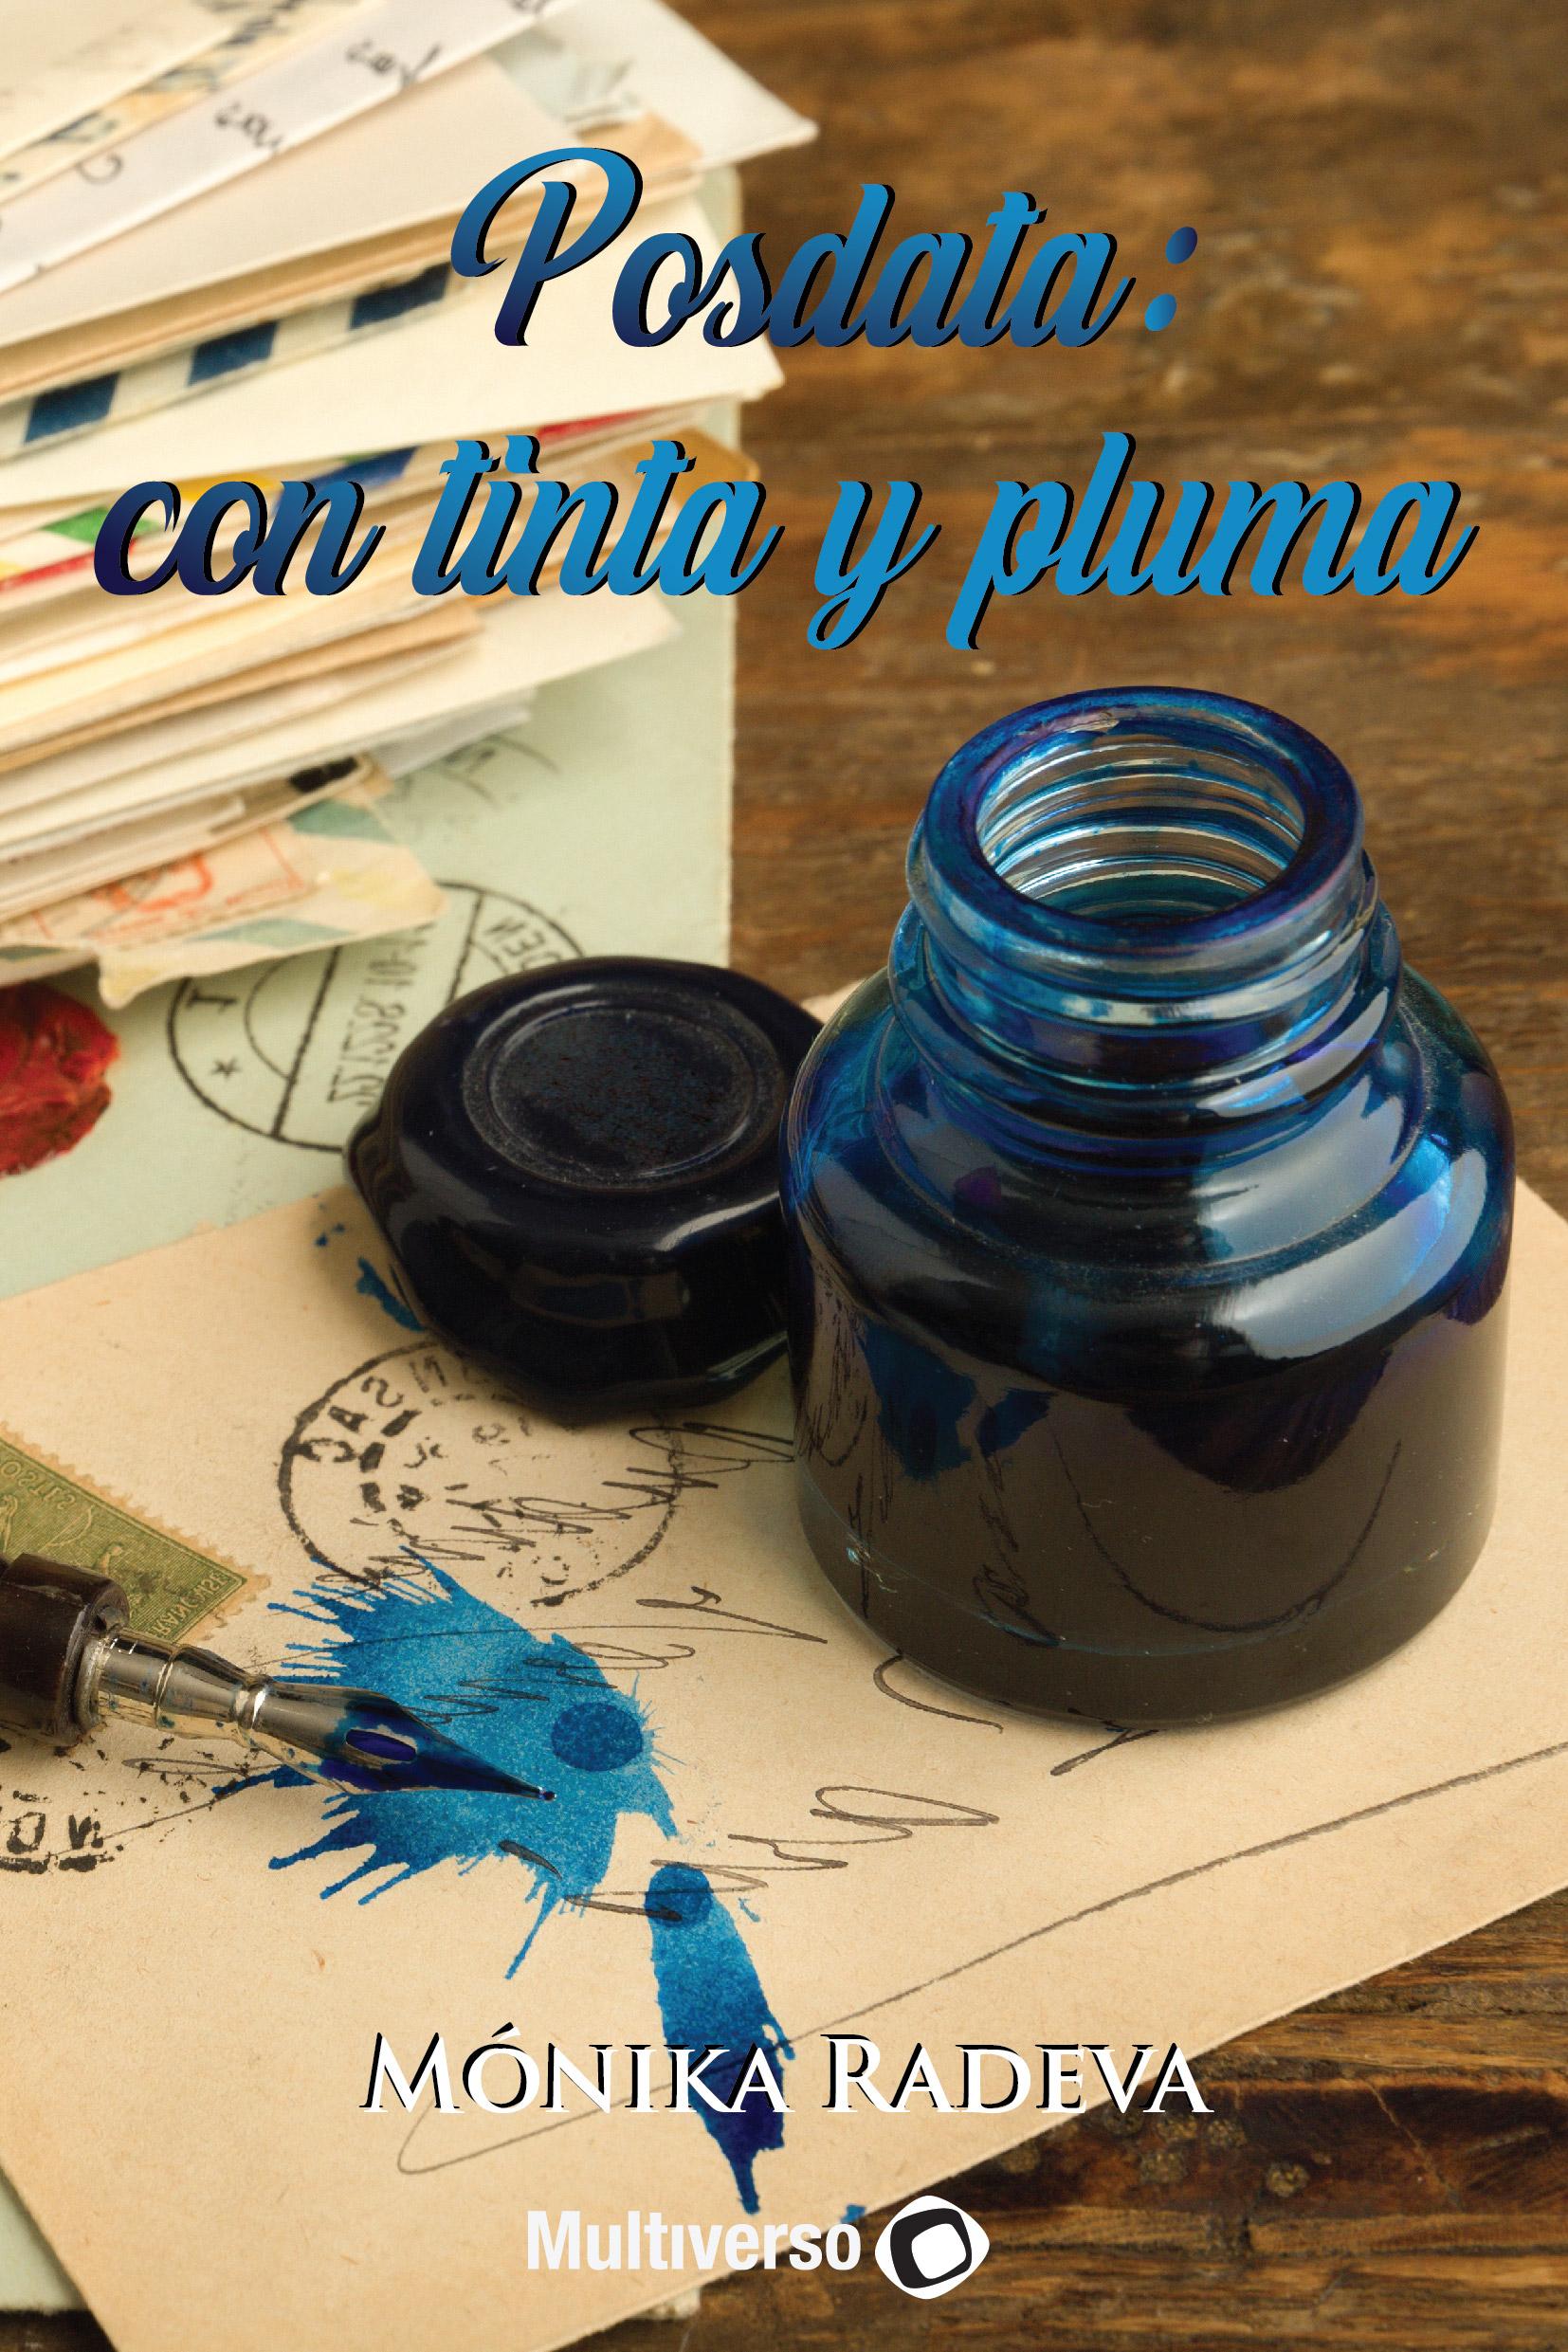 Posdata: con tinta y pluma